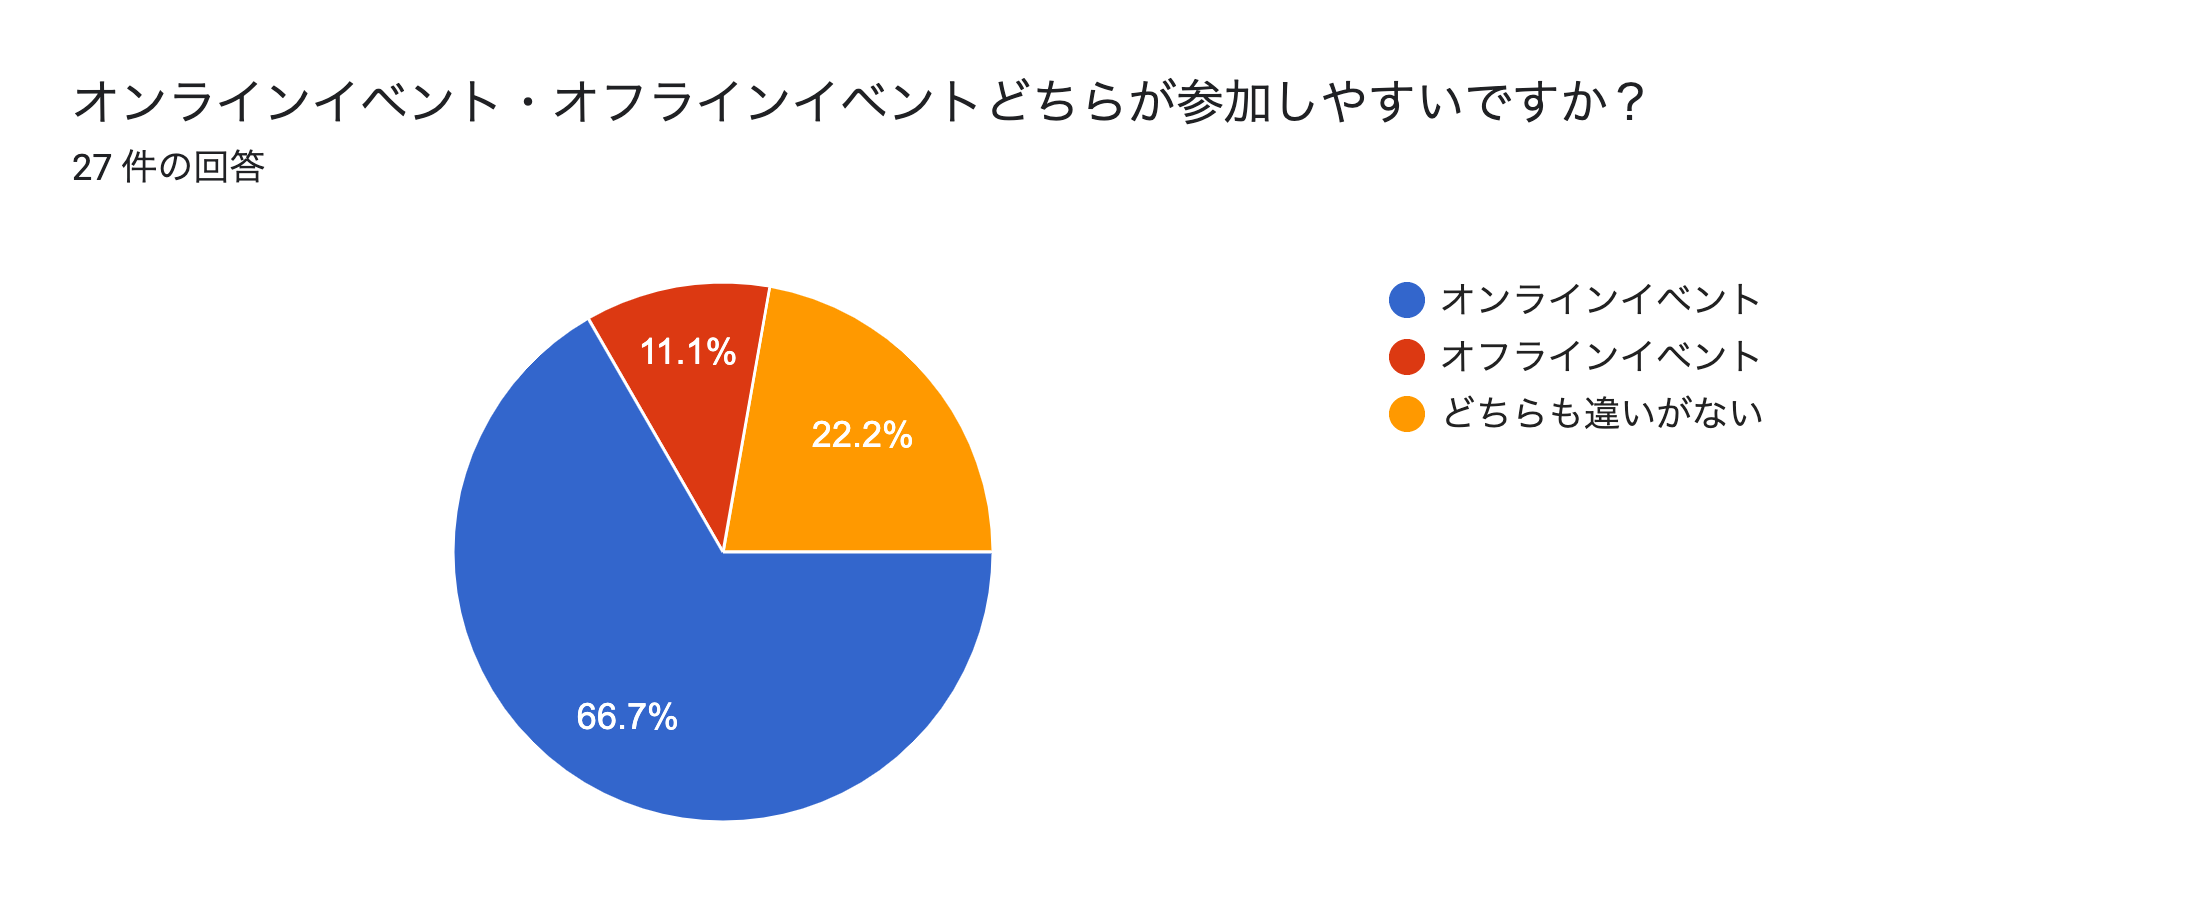 フォームの回答のグラフ。質問のタイトル: オンラインイベント・オフラインイベントどちらが参加しやすいですか?。回答数: 27 件の回答。